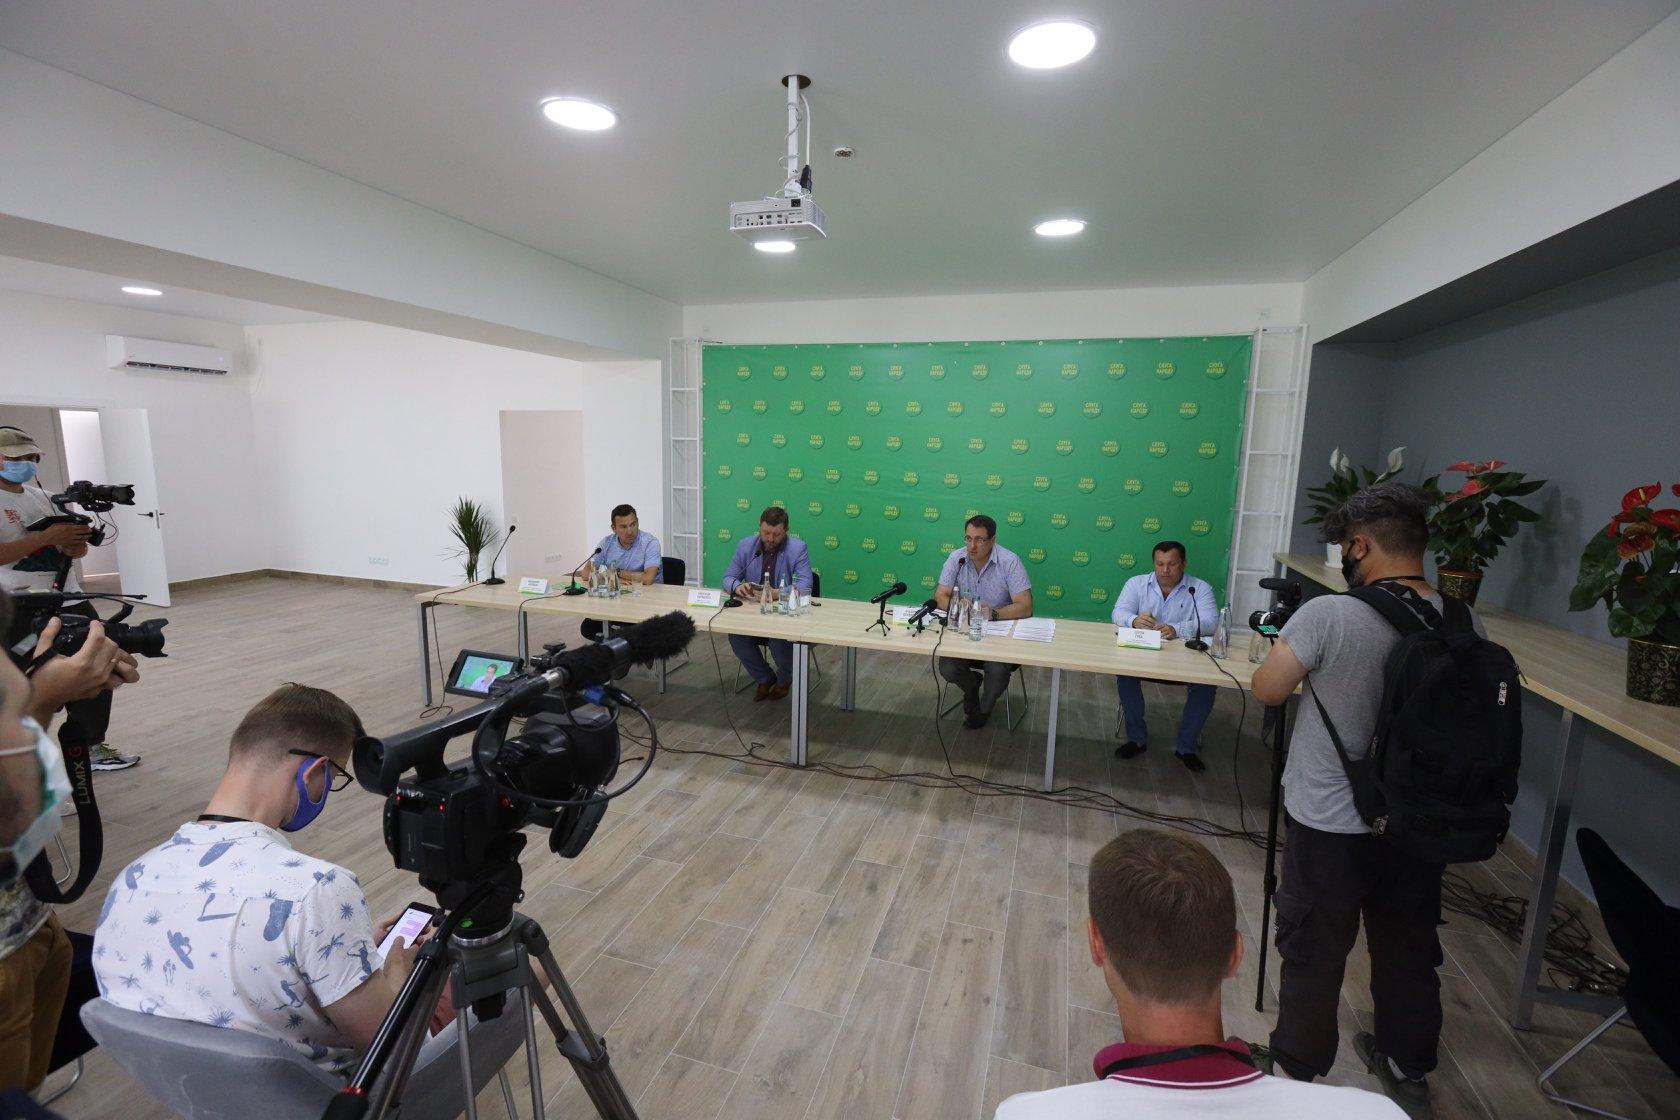 У Слов'янську відкрили офіс «Слуги народу» з цитатою Зеленського. Фото